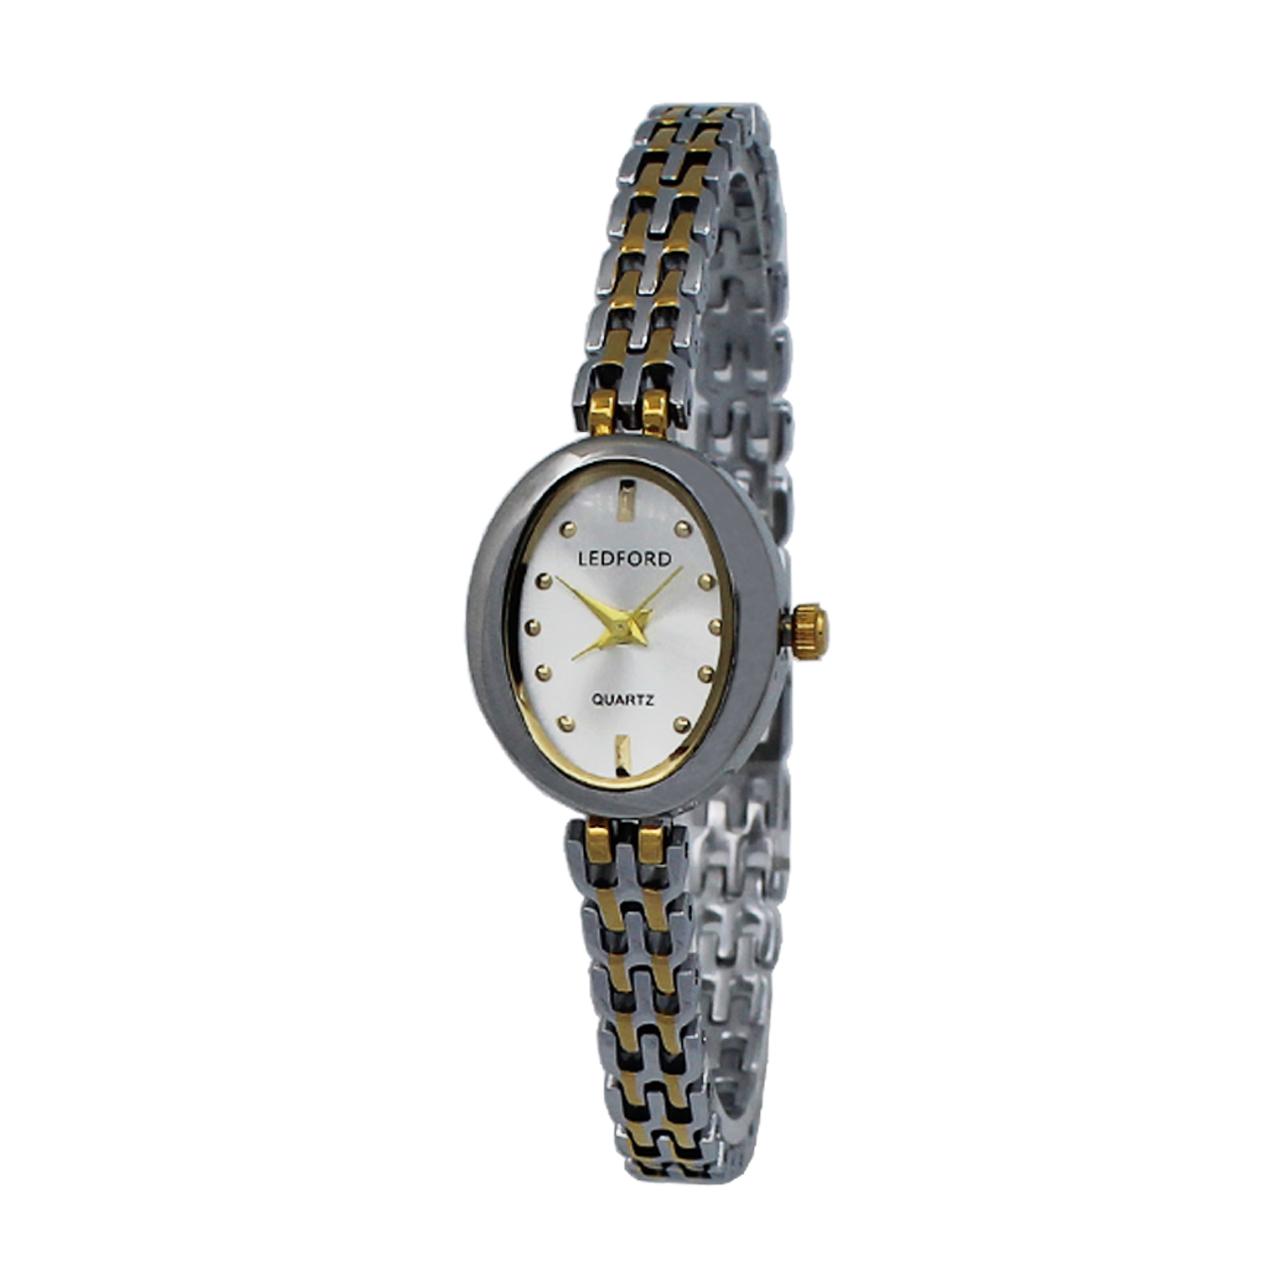 ساعت مچی عقربه ای زنانه لدفورد مدل DGZU-0167 17